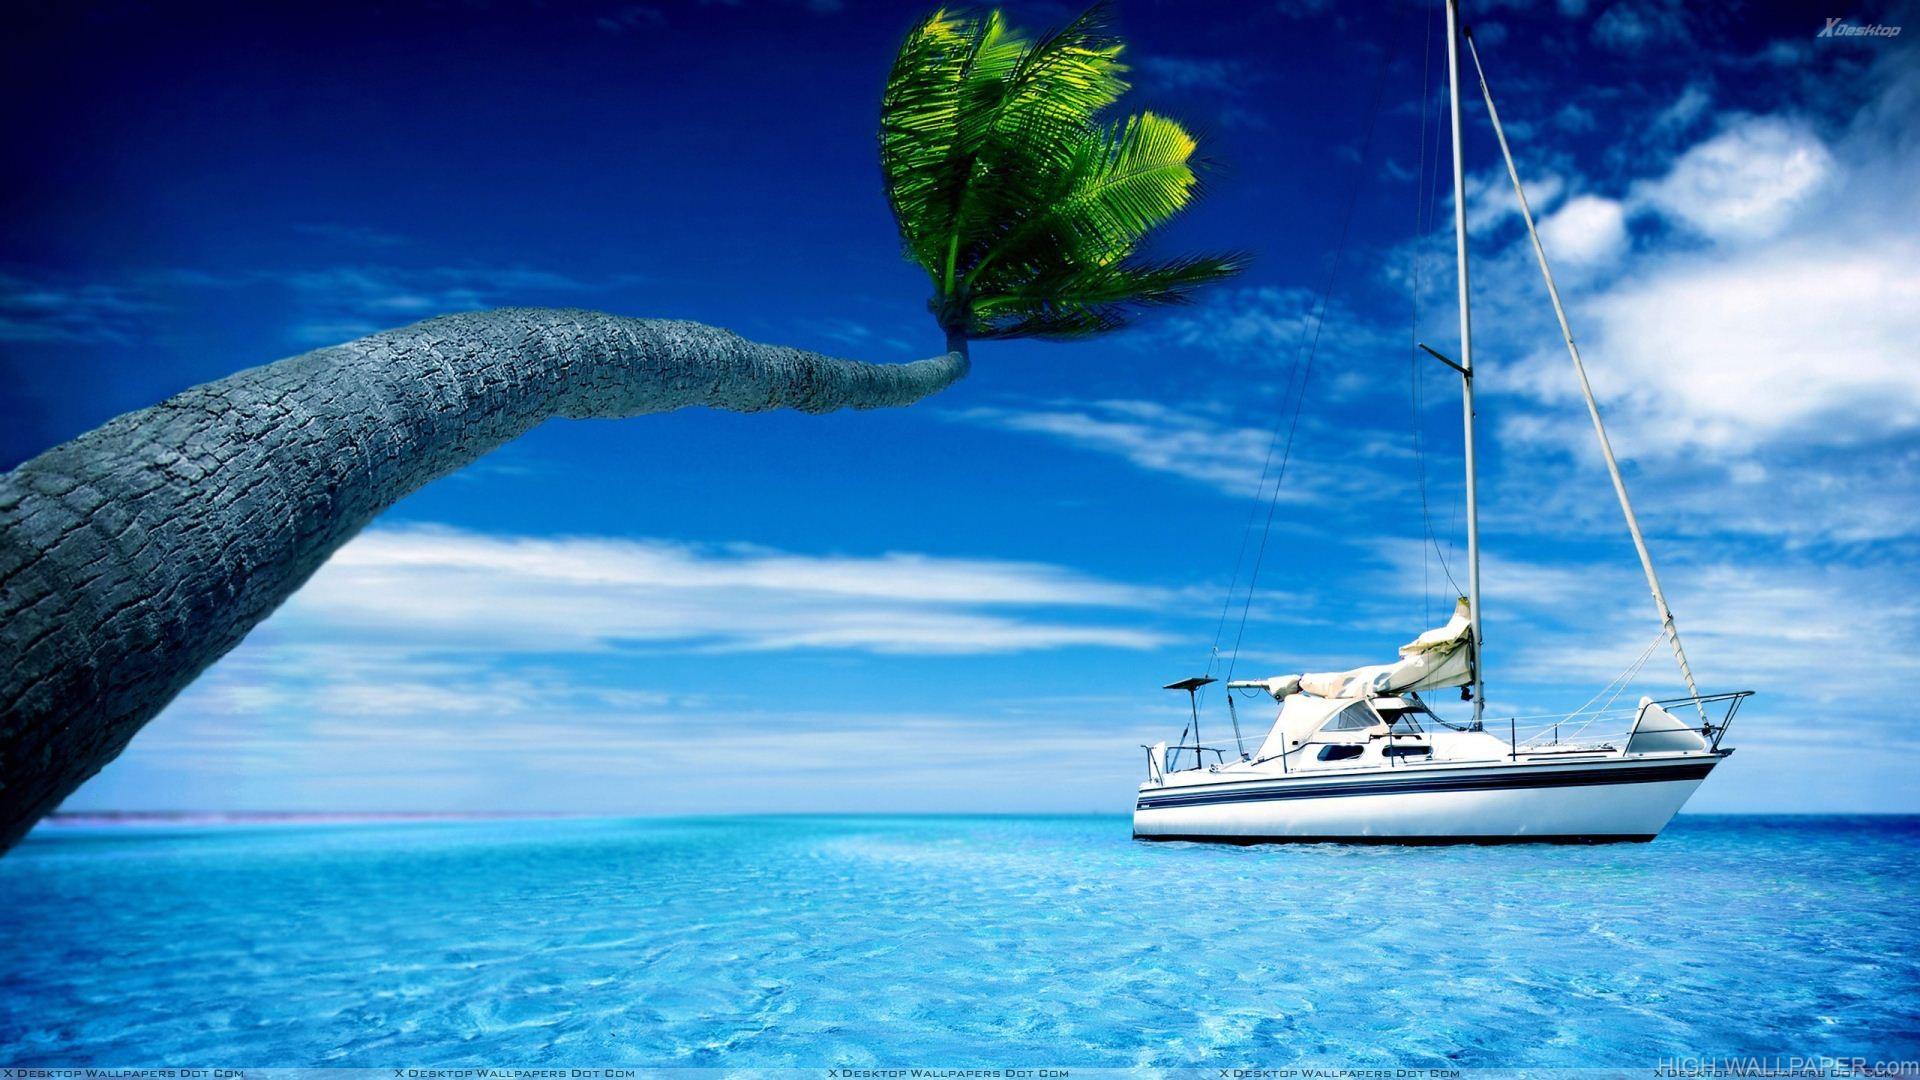 Yacht In Blue Sea